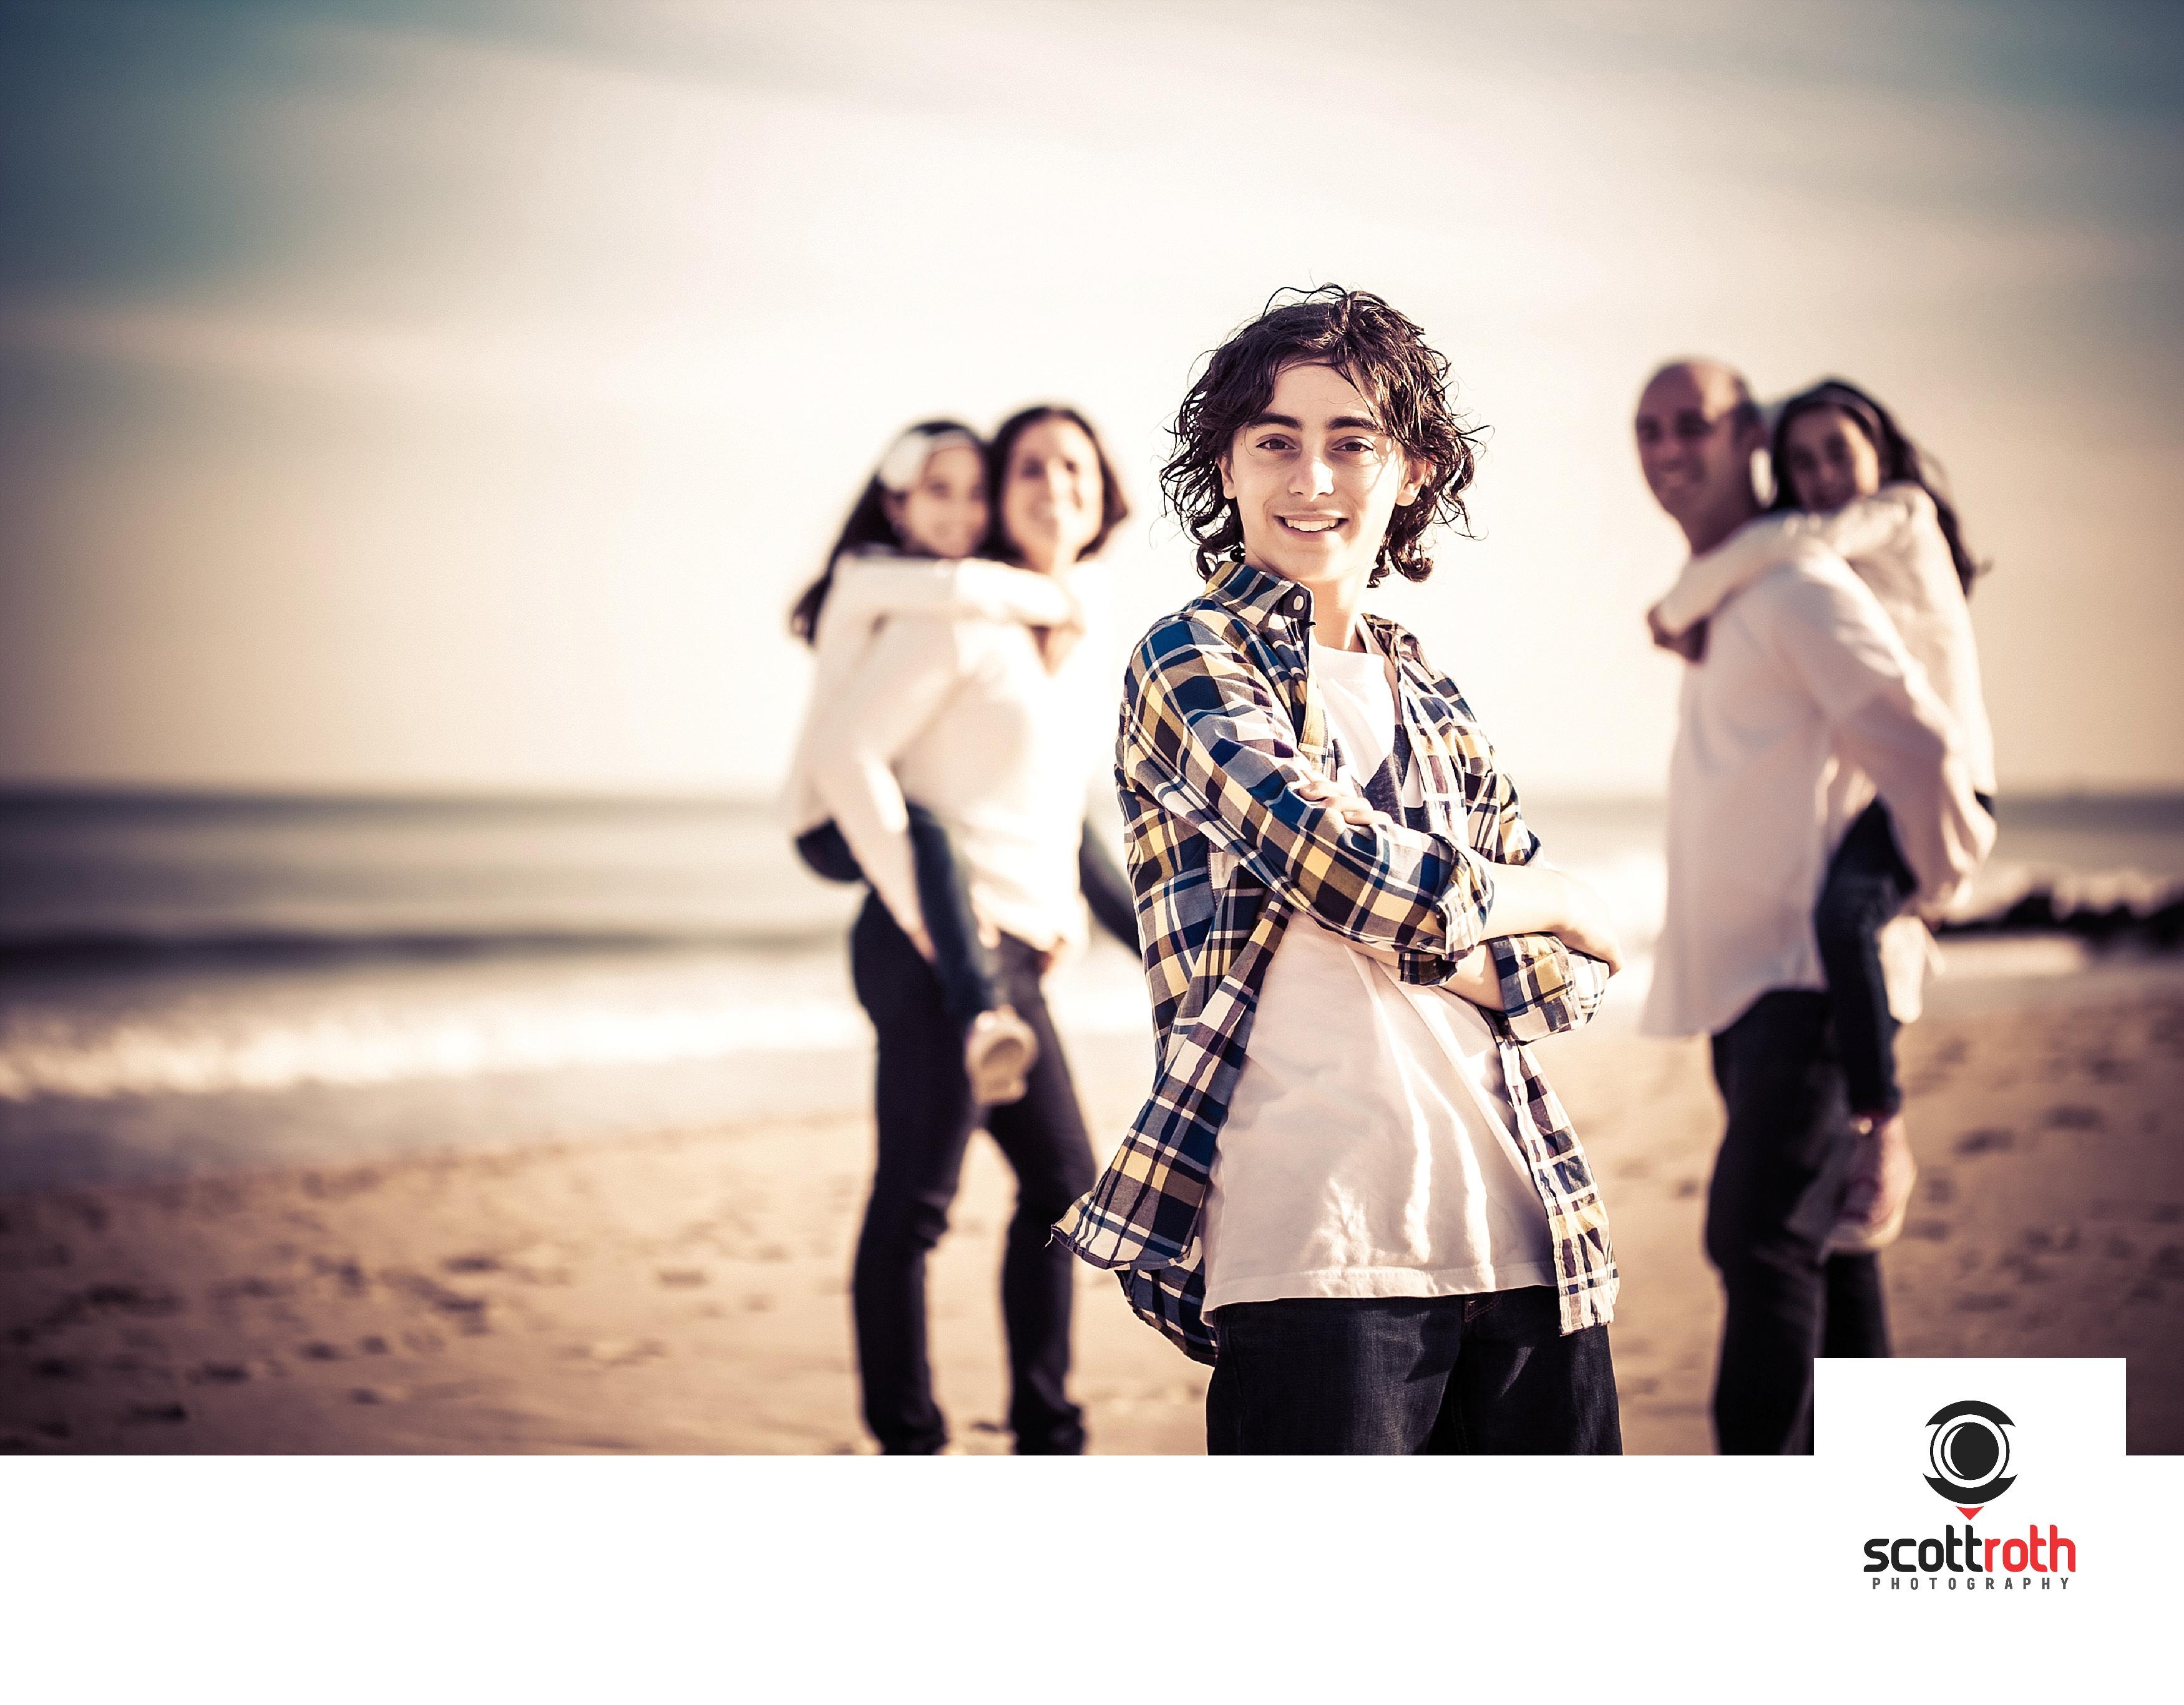 family-photography-beach-0256.jpg